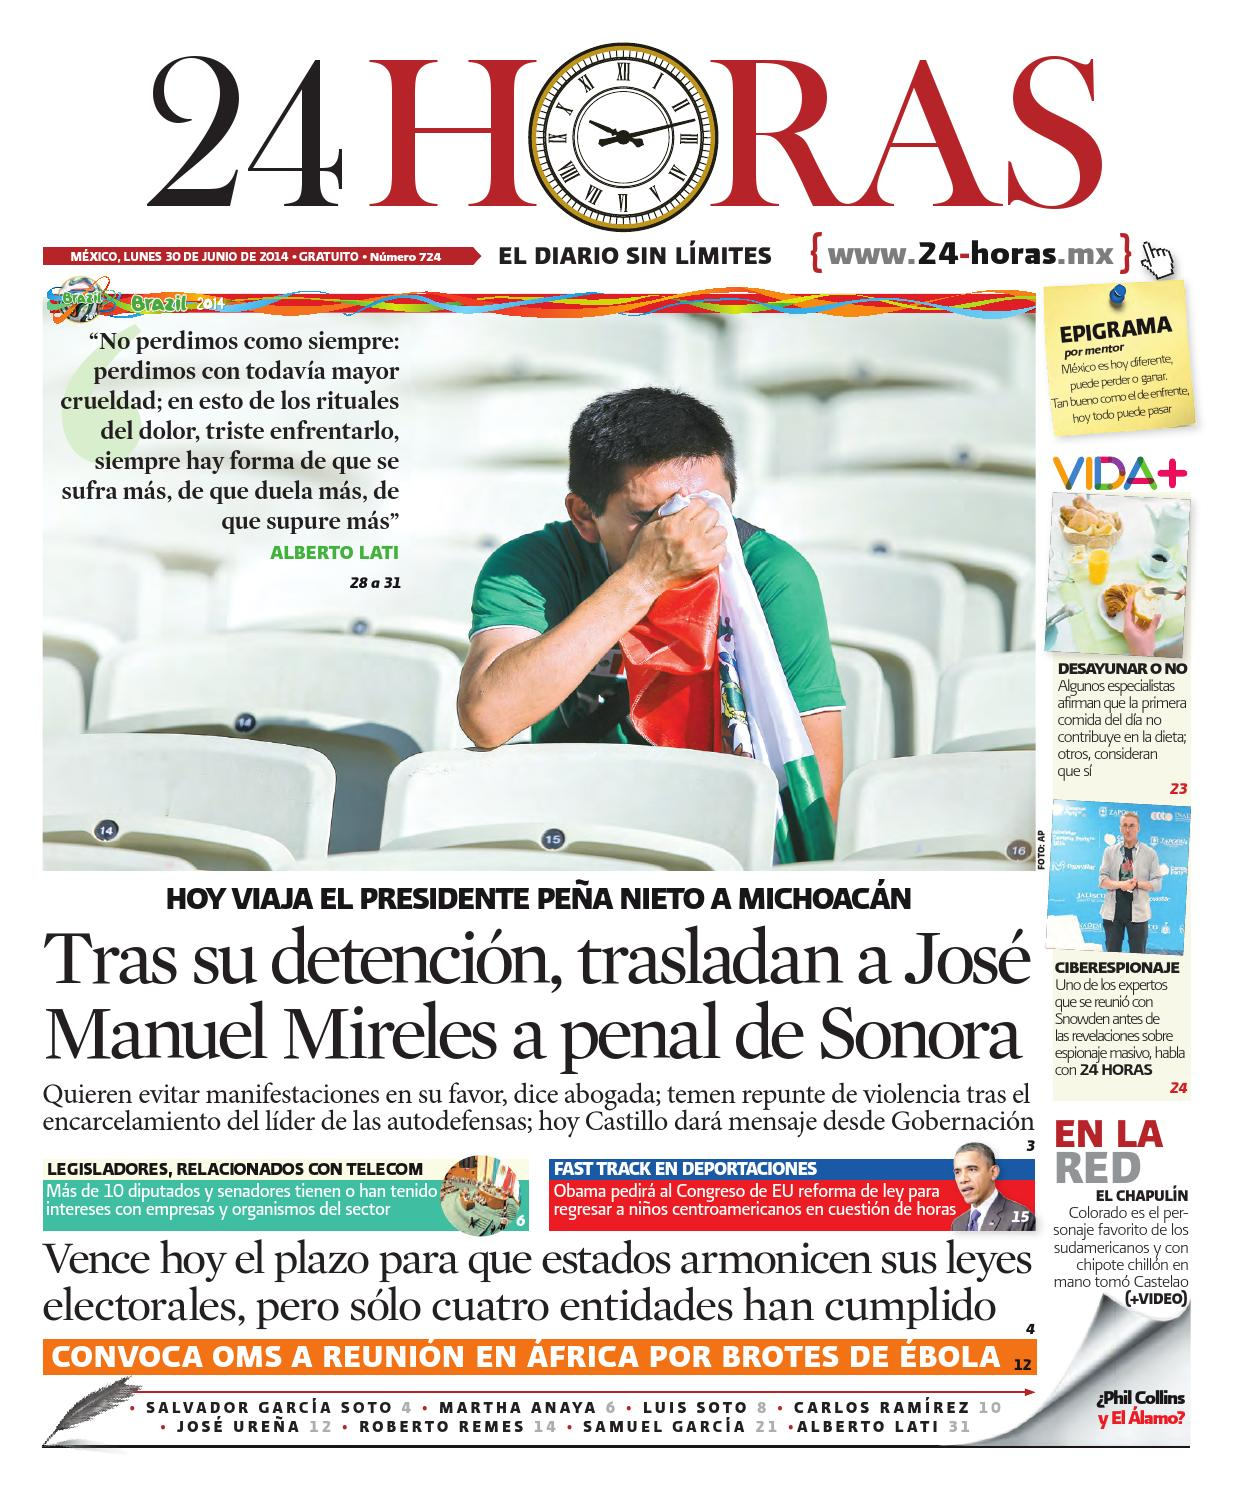 Junio | 30 | 2014 by Información Integral 24/7 SAPI de C.V. - issuu